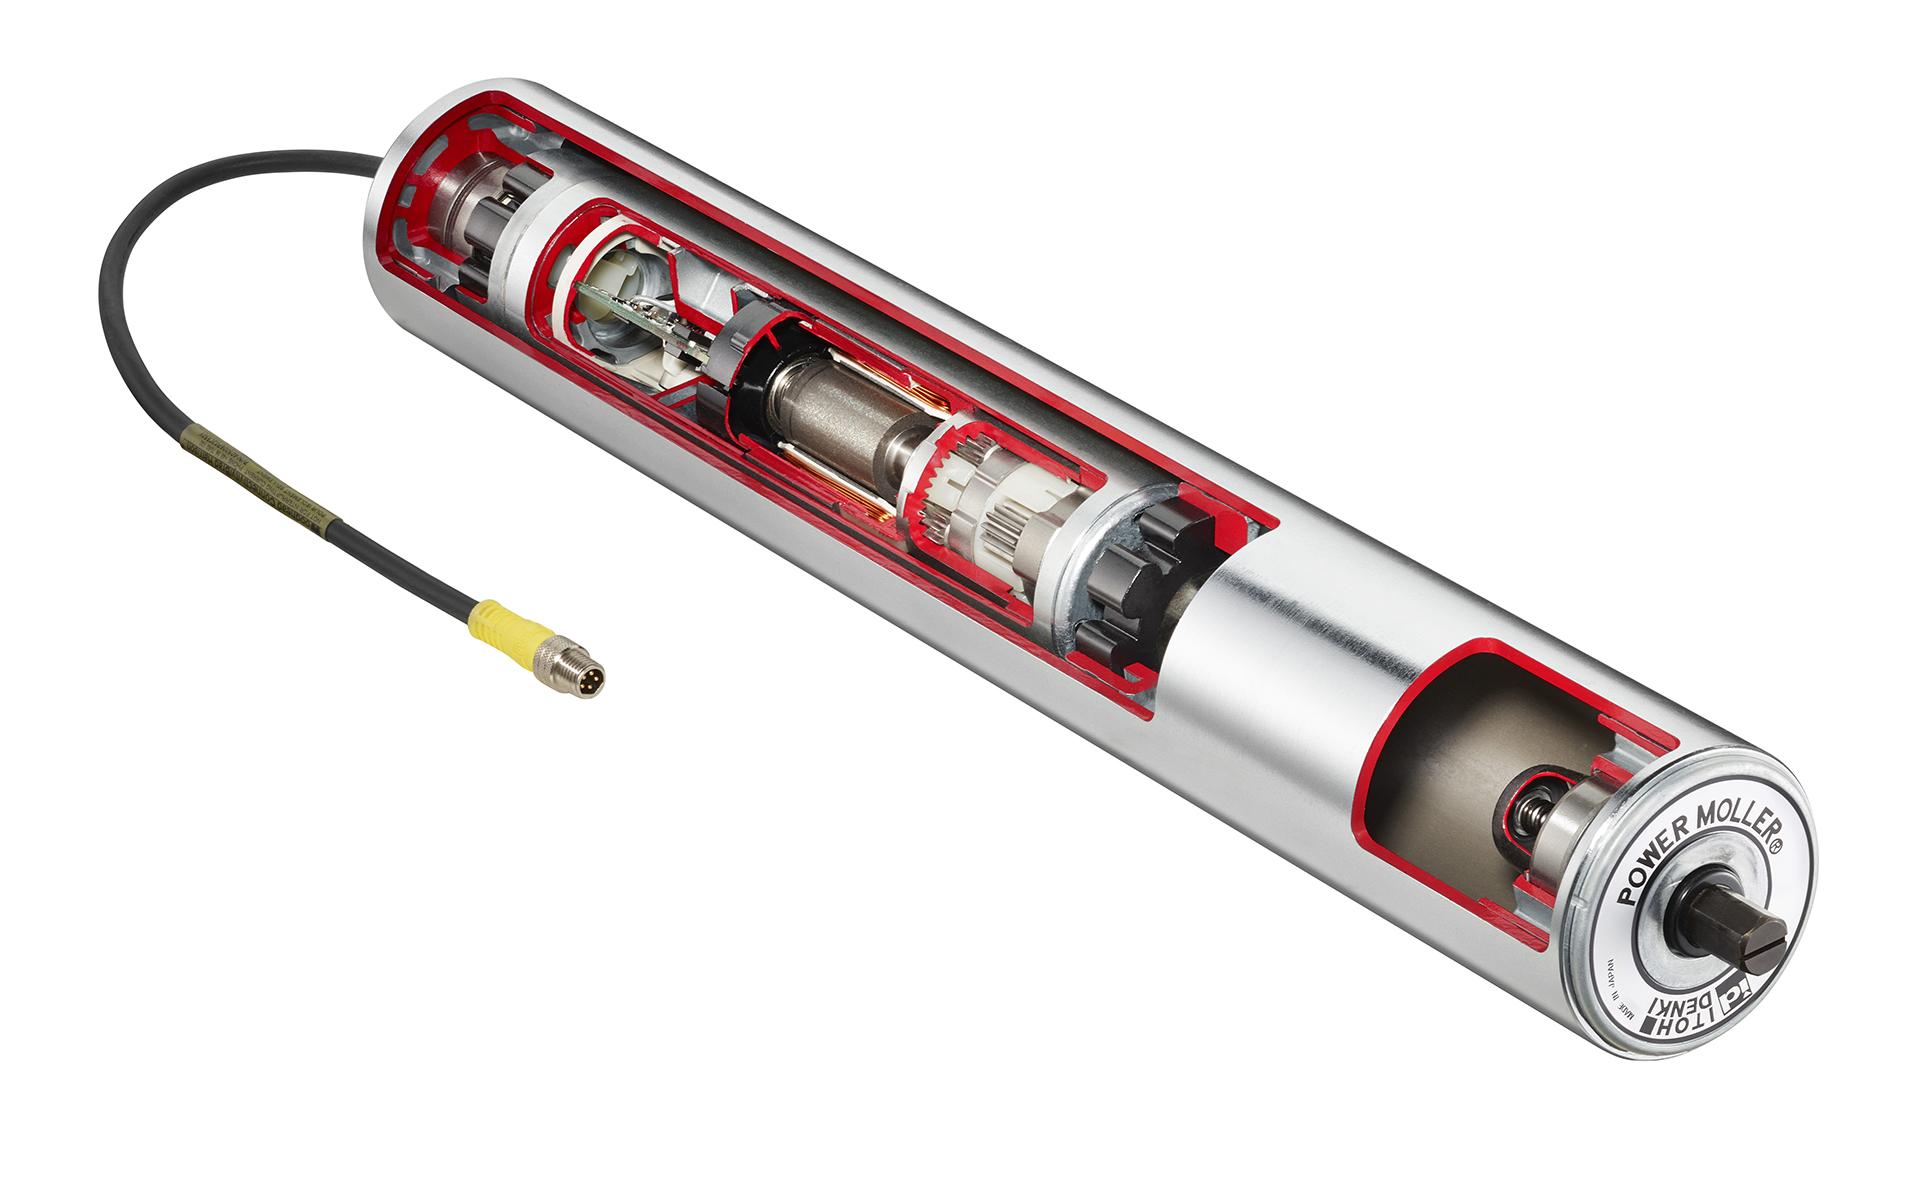 Rouleau avec moteur intégré diamètre 50 ou 60mm pour transport de charges légères à moyennes